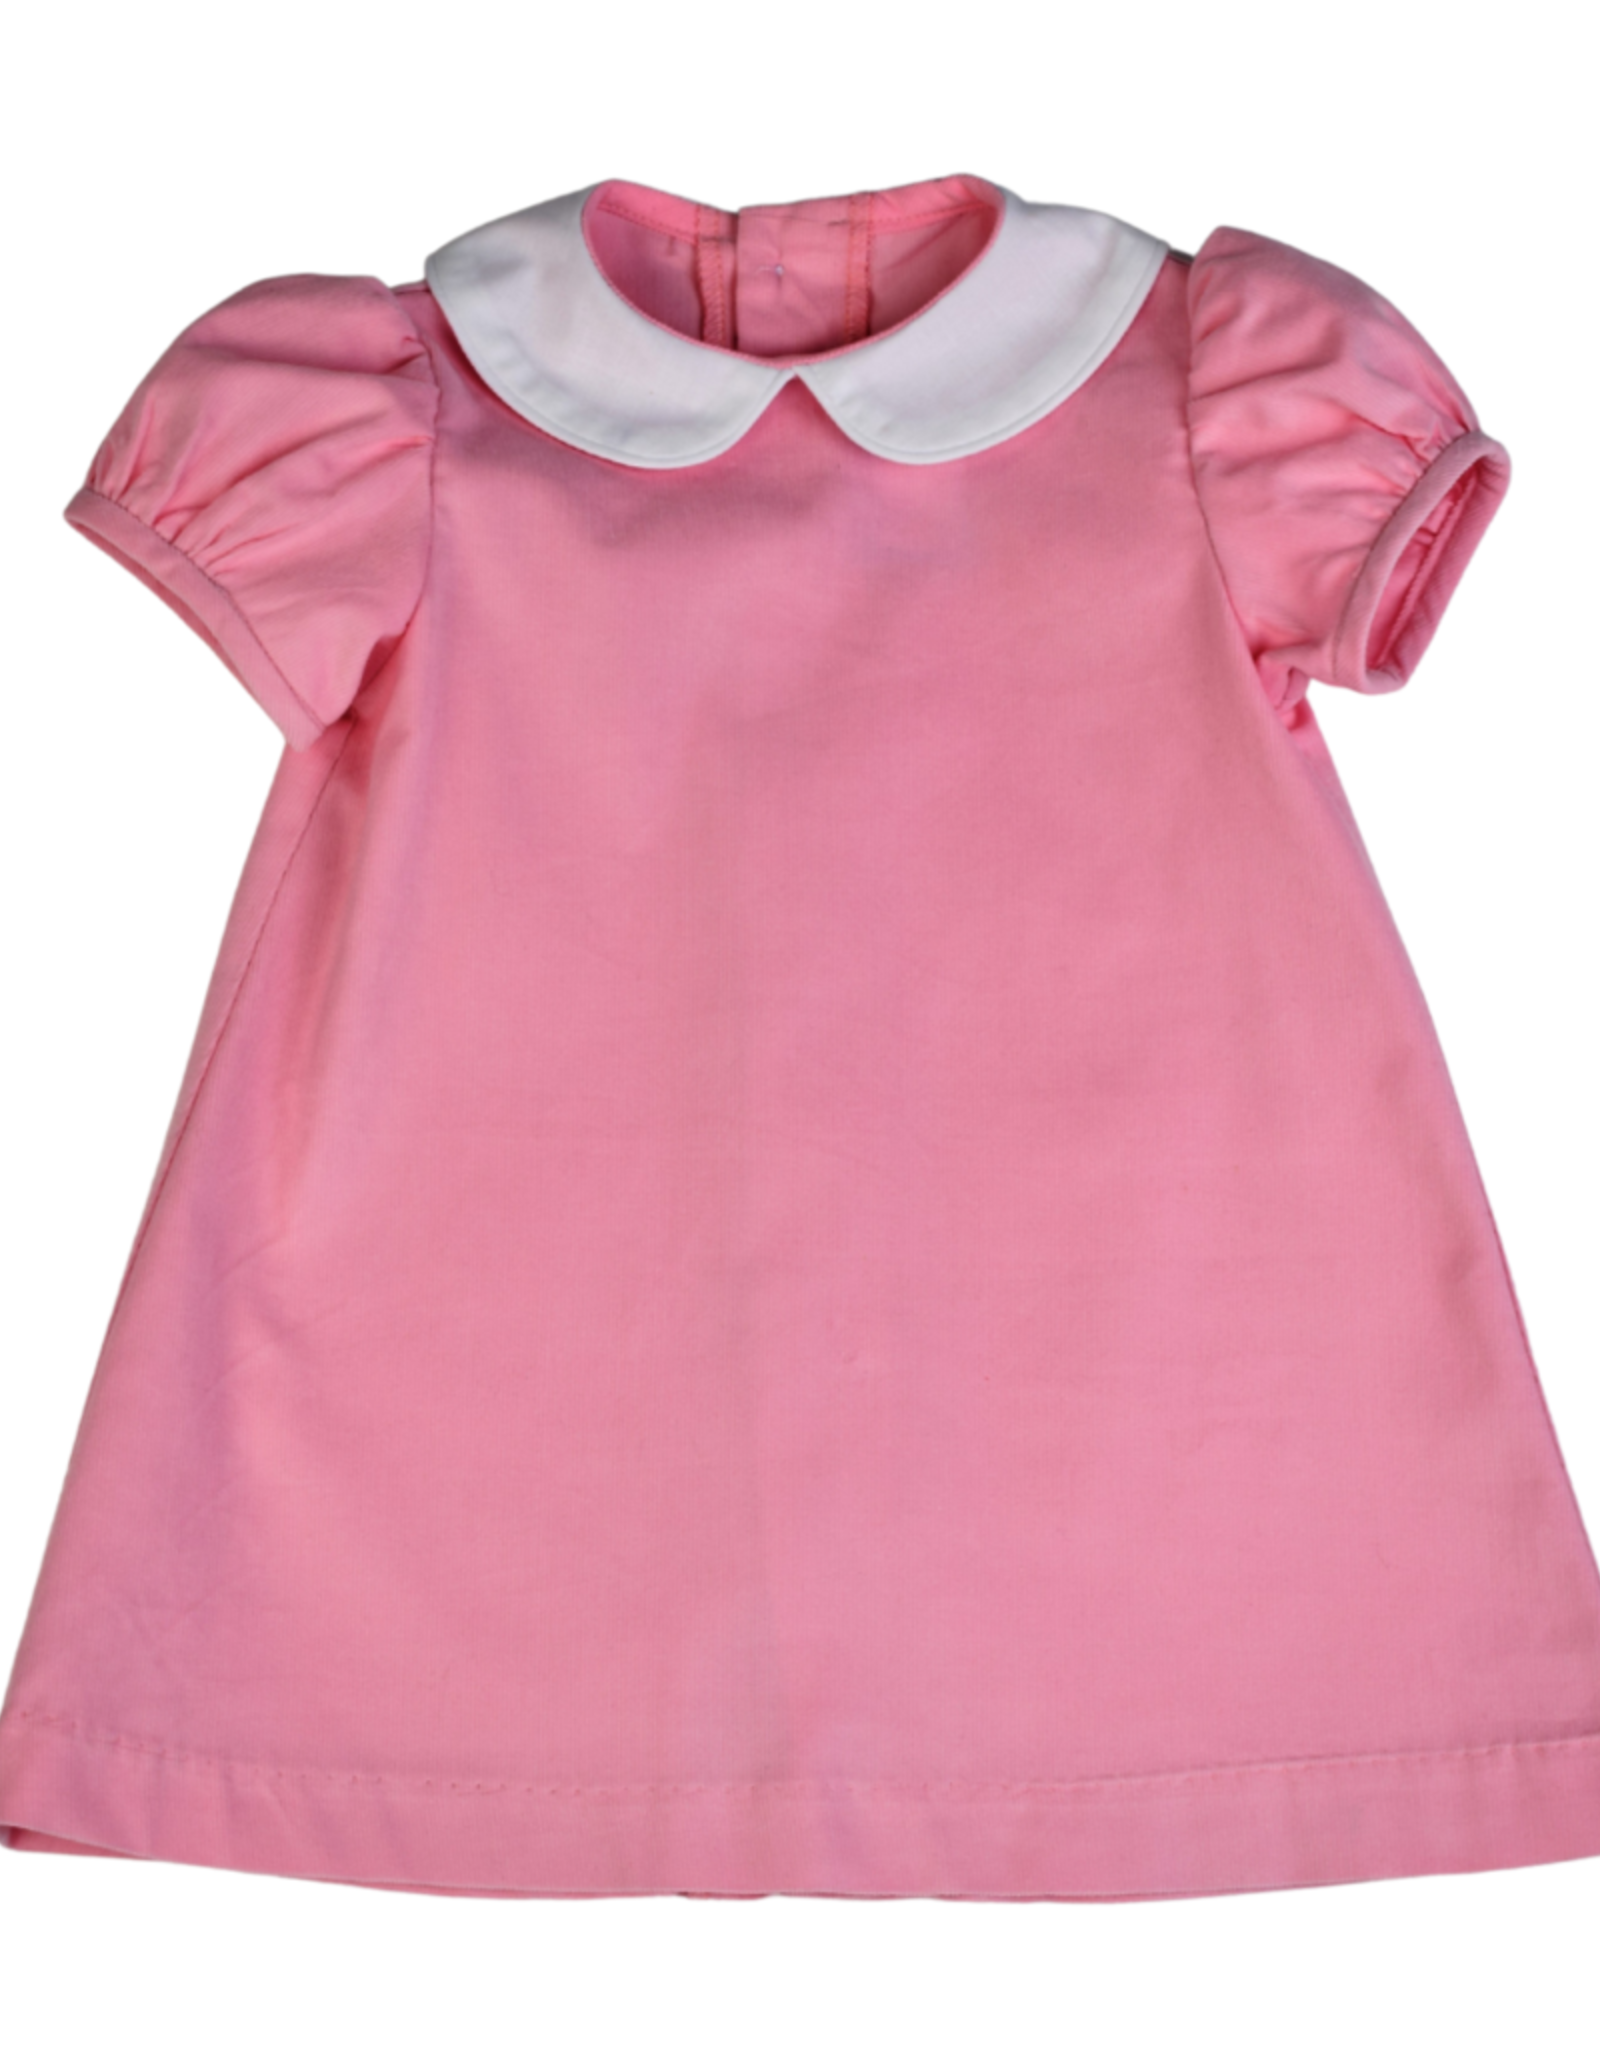 Color Works Pink Corduroy Float Dress